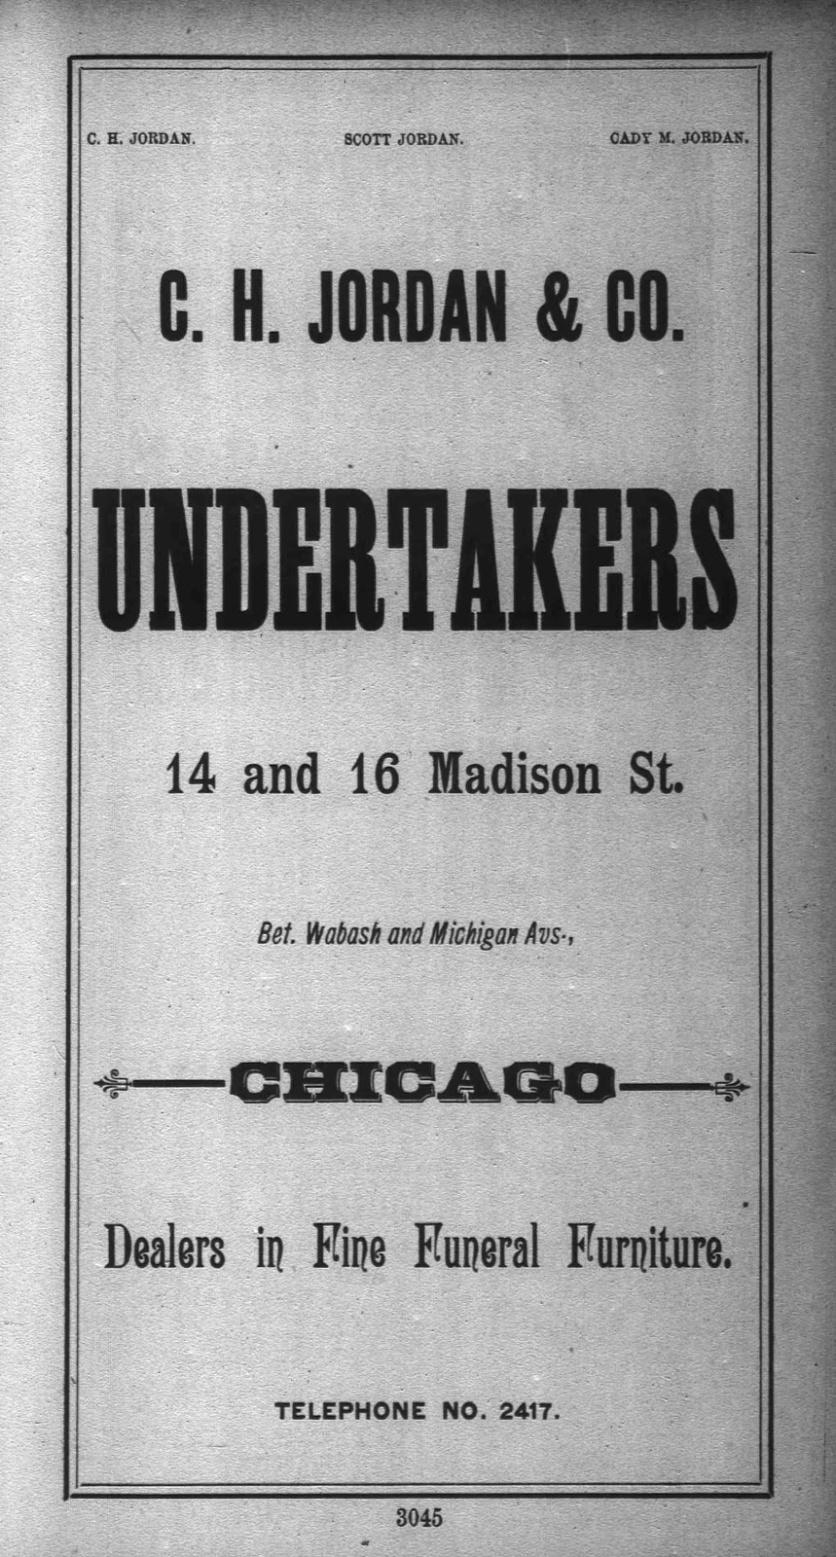 Jordan Undertaker 1891 p 3045